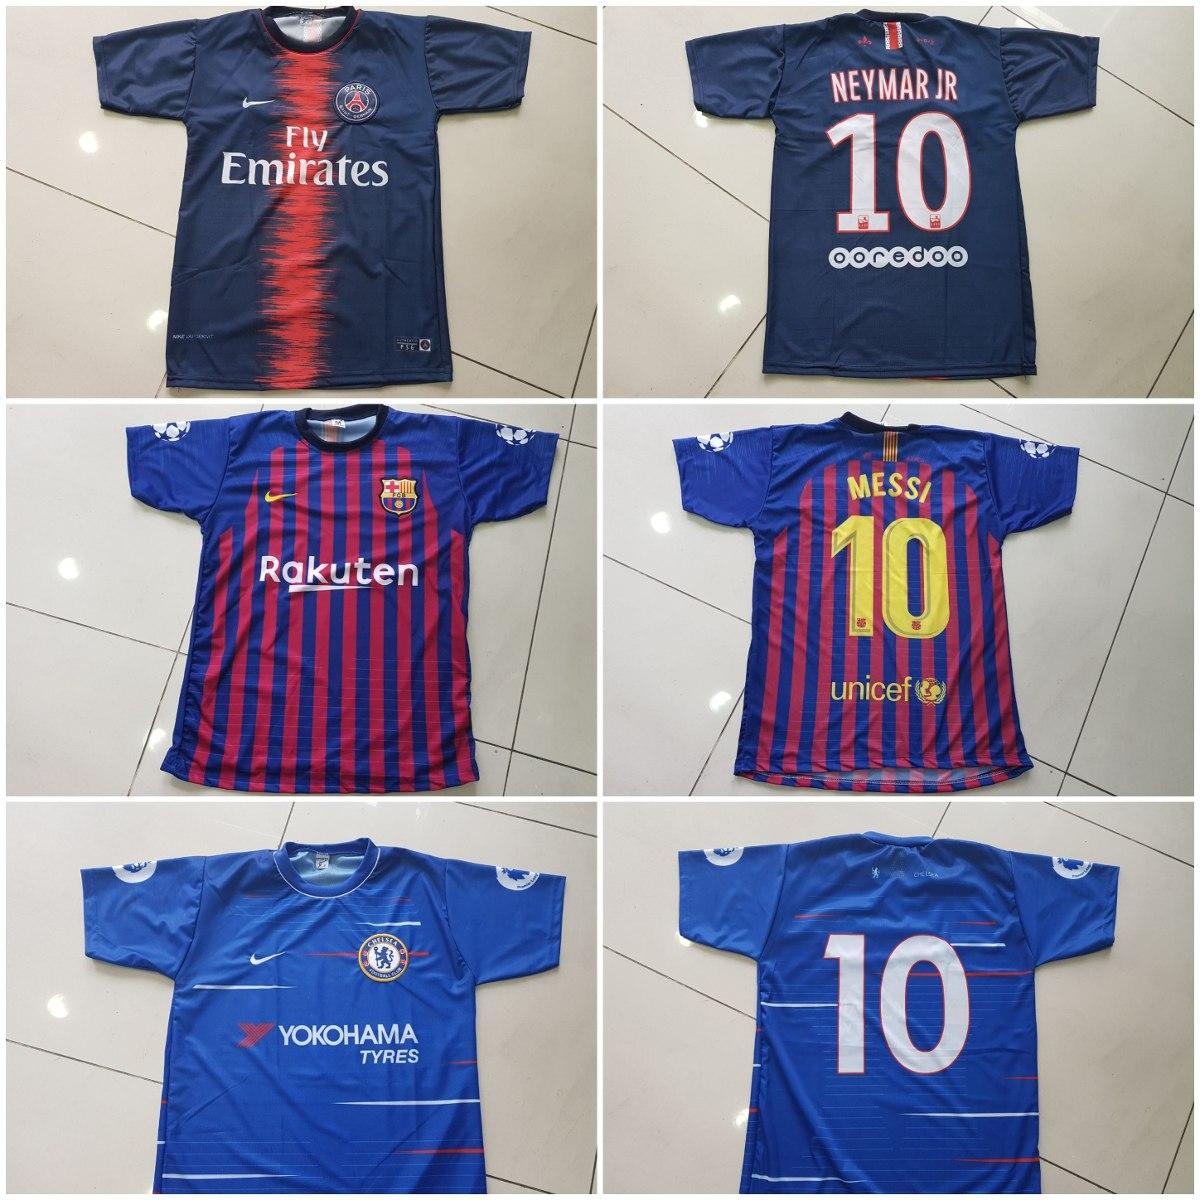 10 camisetas time de futebol - nacionais   europeus. Carregando zoom. 88c69ddd7a4cb